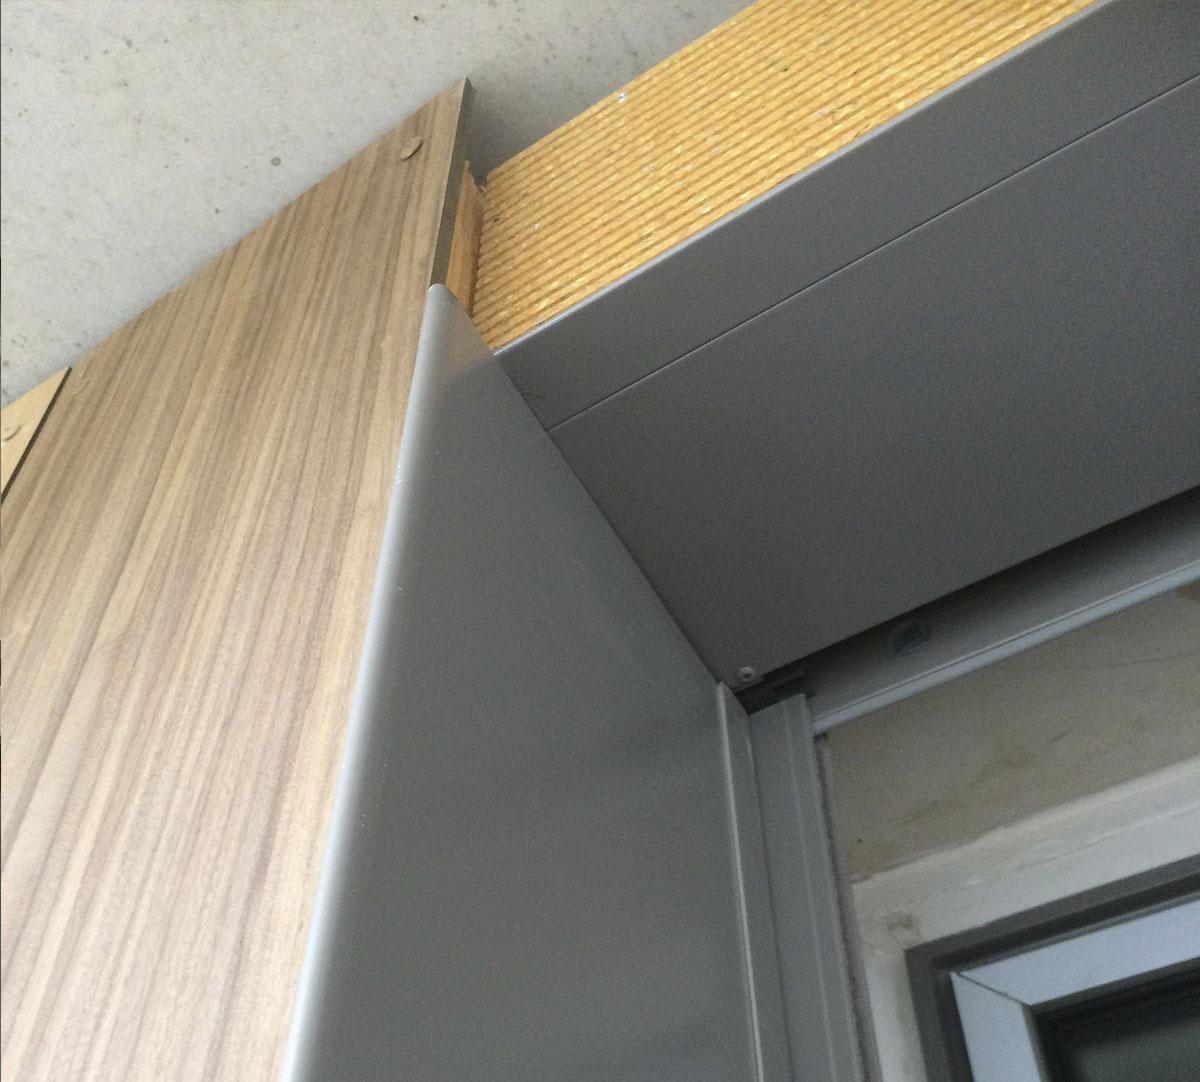 Réalisation Encadrement de fenêtres et couvertines d'acrotères sur bardage bois : image 6